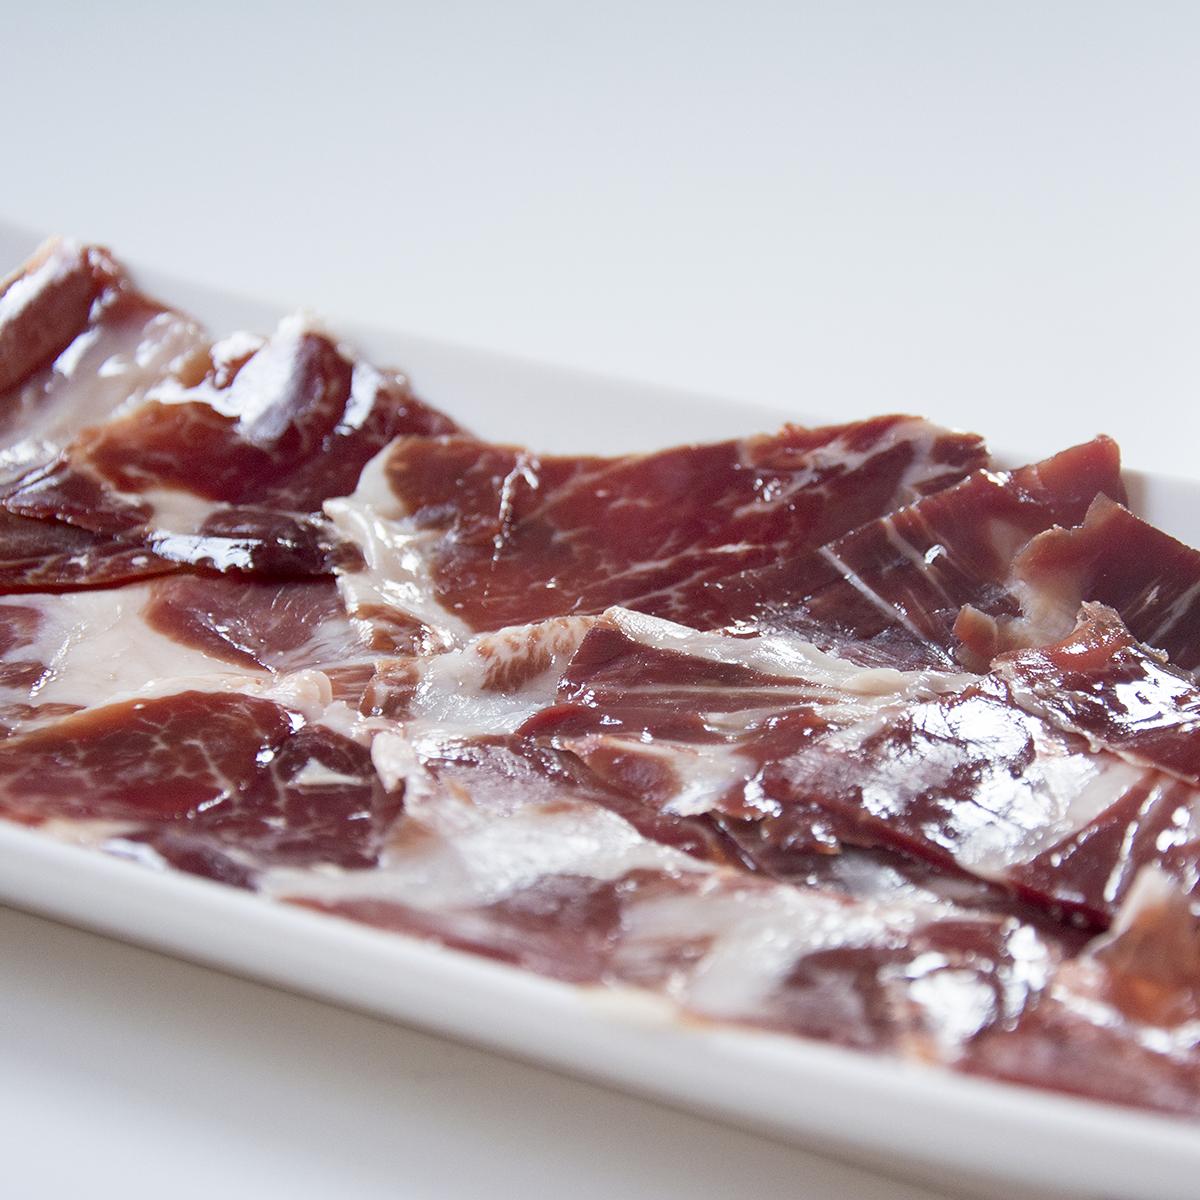 Cuerd Ham - Sliced